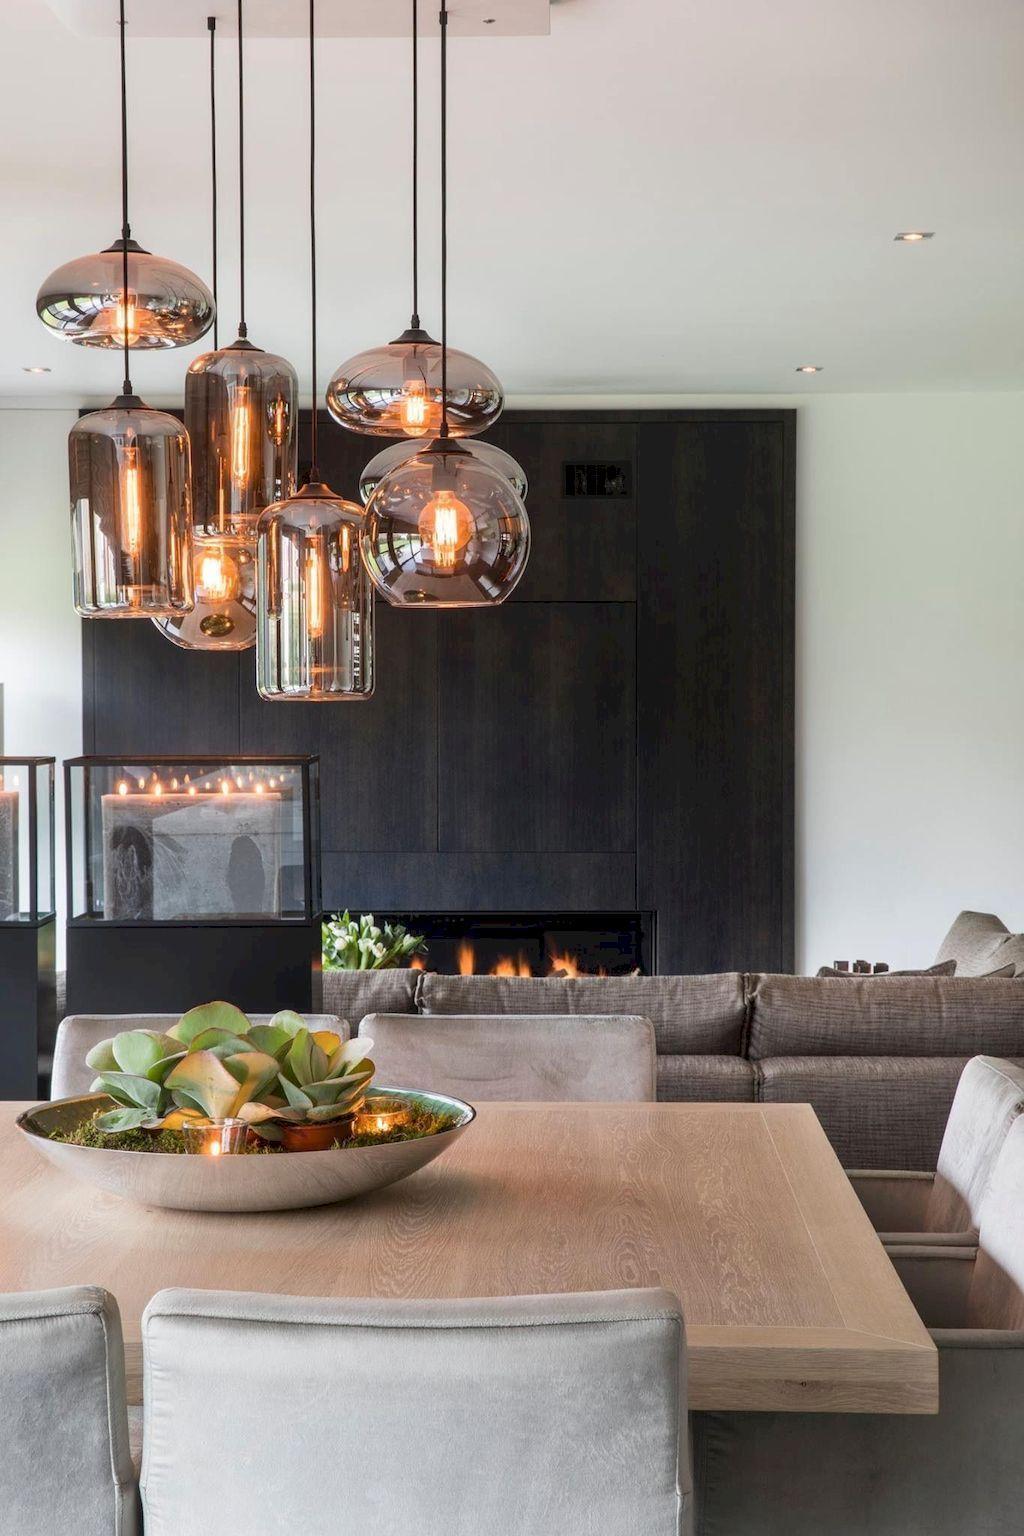 20 unique kitchen lighting ideas for your wonderful kitchen dining room lamps dining room on kitchen ideas unique id=69041